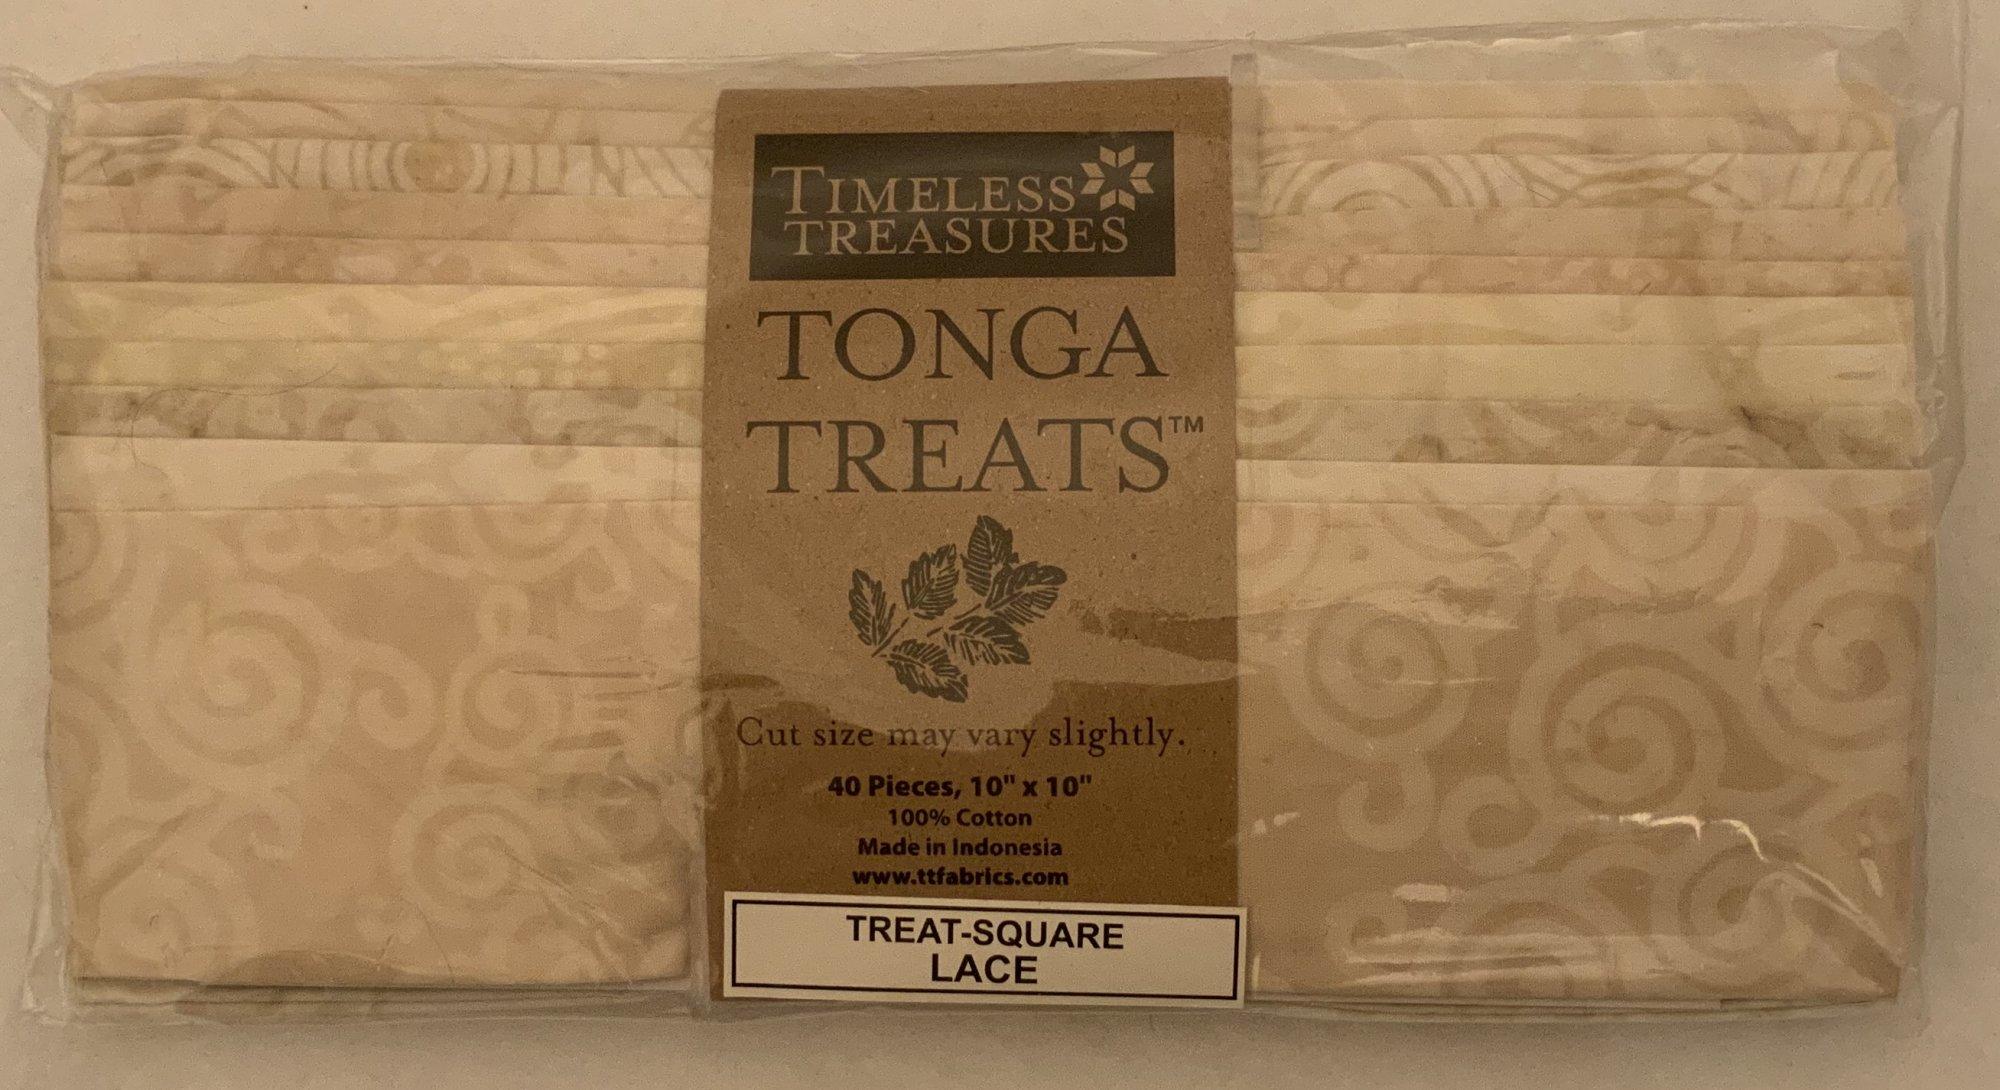 Tonga Treat Square Batik Lace, (40 pcs 10x10) - Timeless Treasures